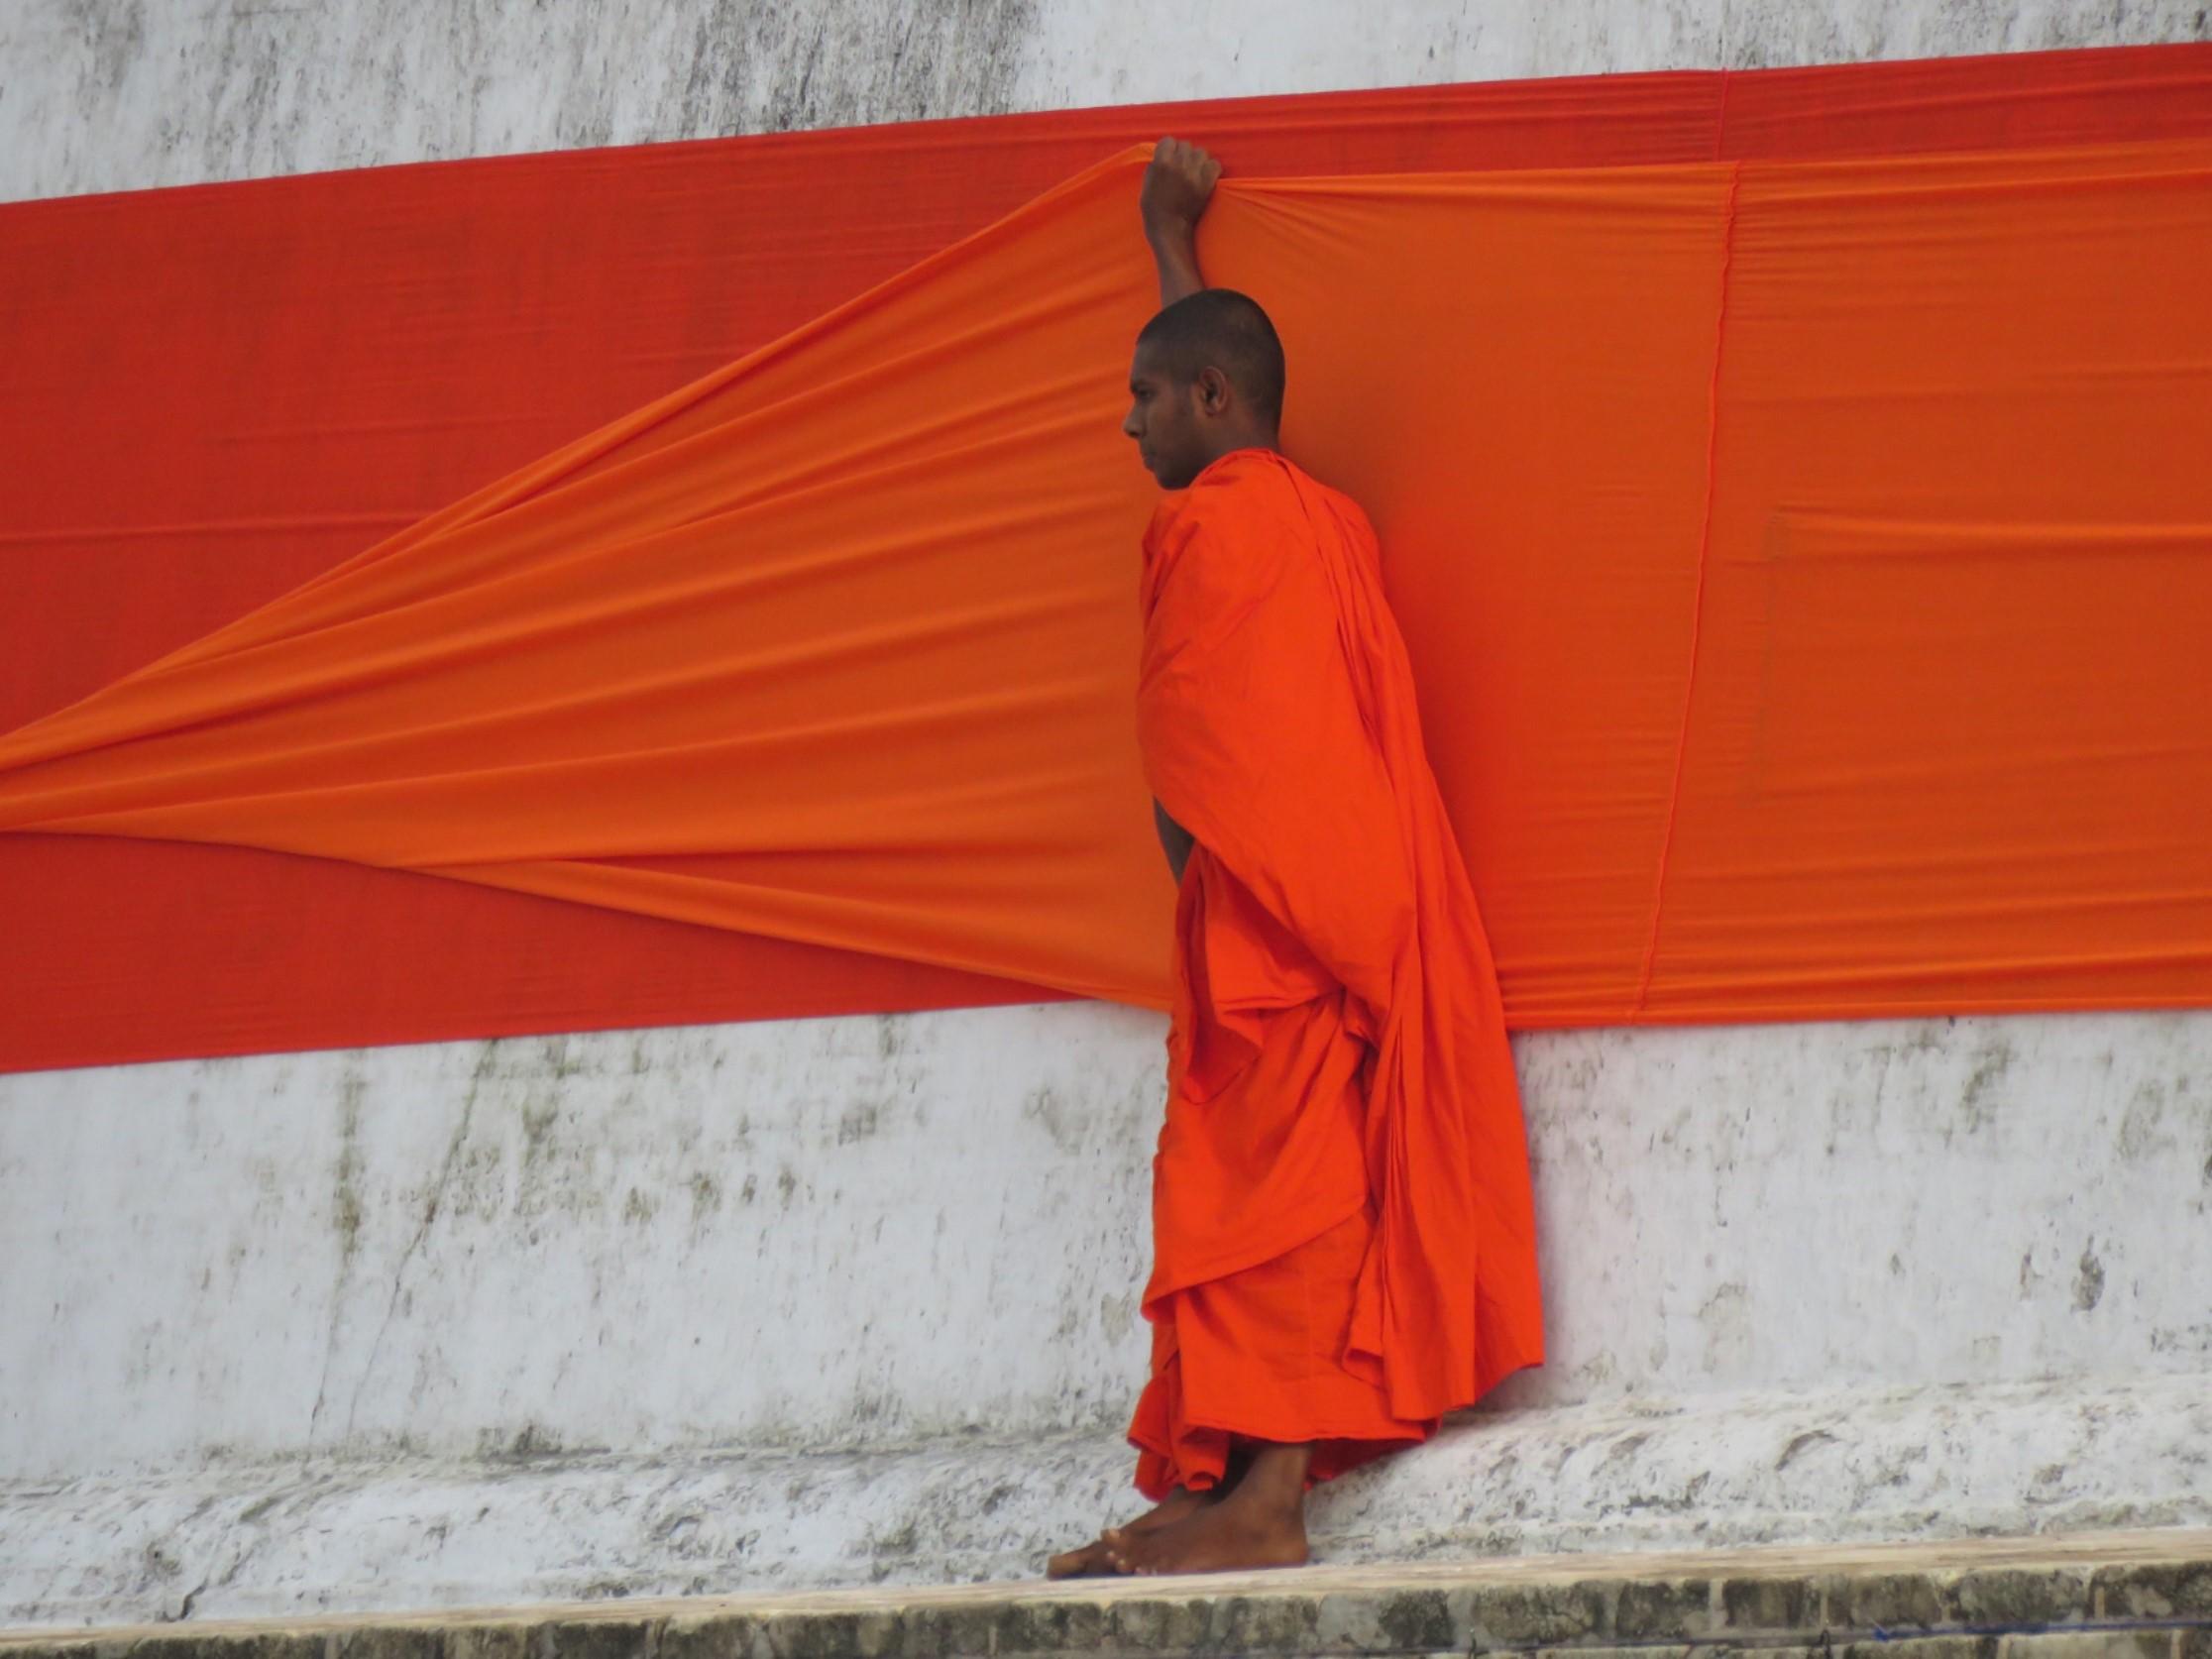 La nature, la plage, le bouddhisme sri lankais, les stupas millénaires